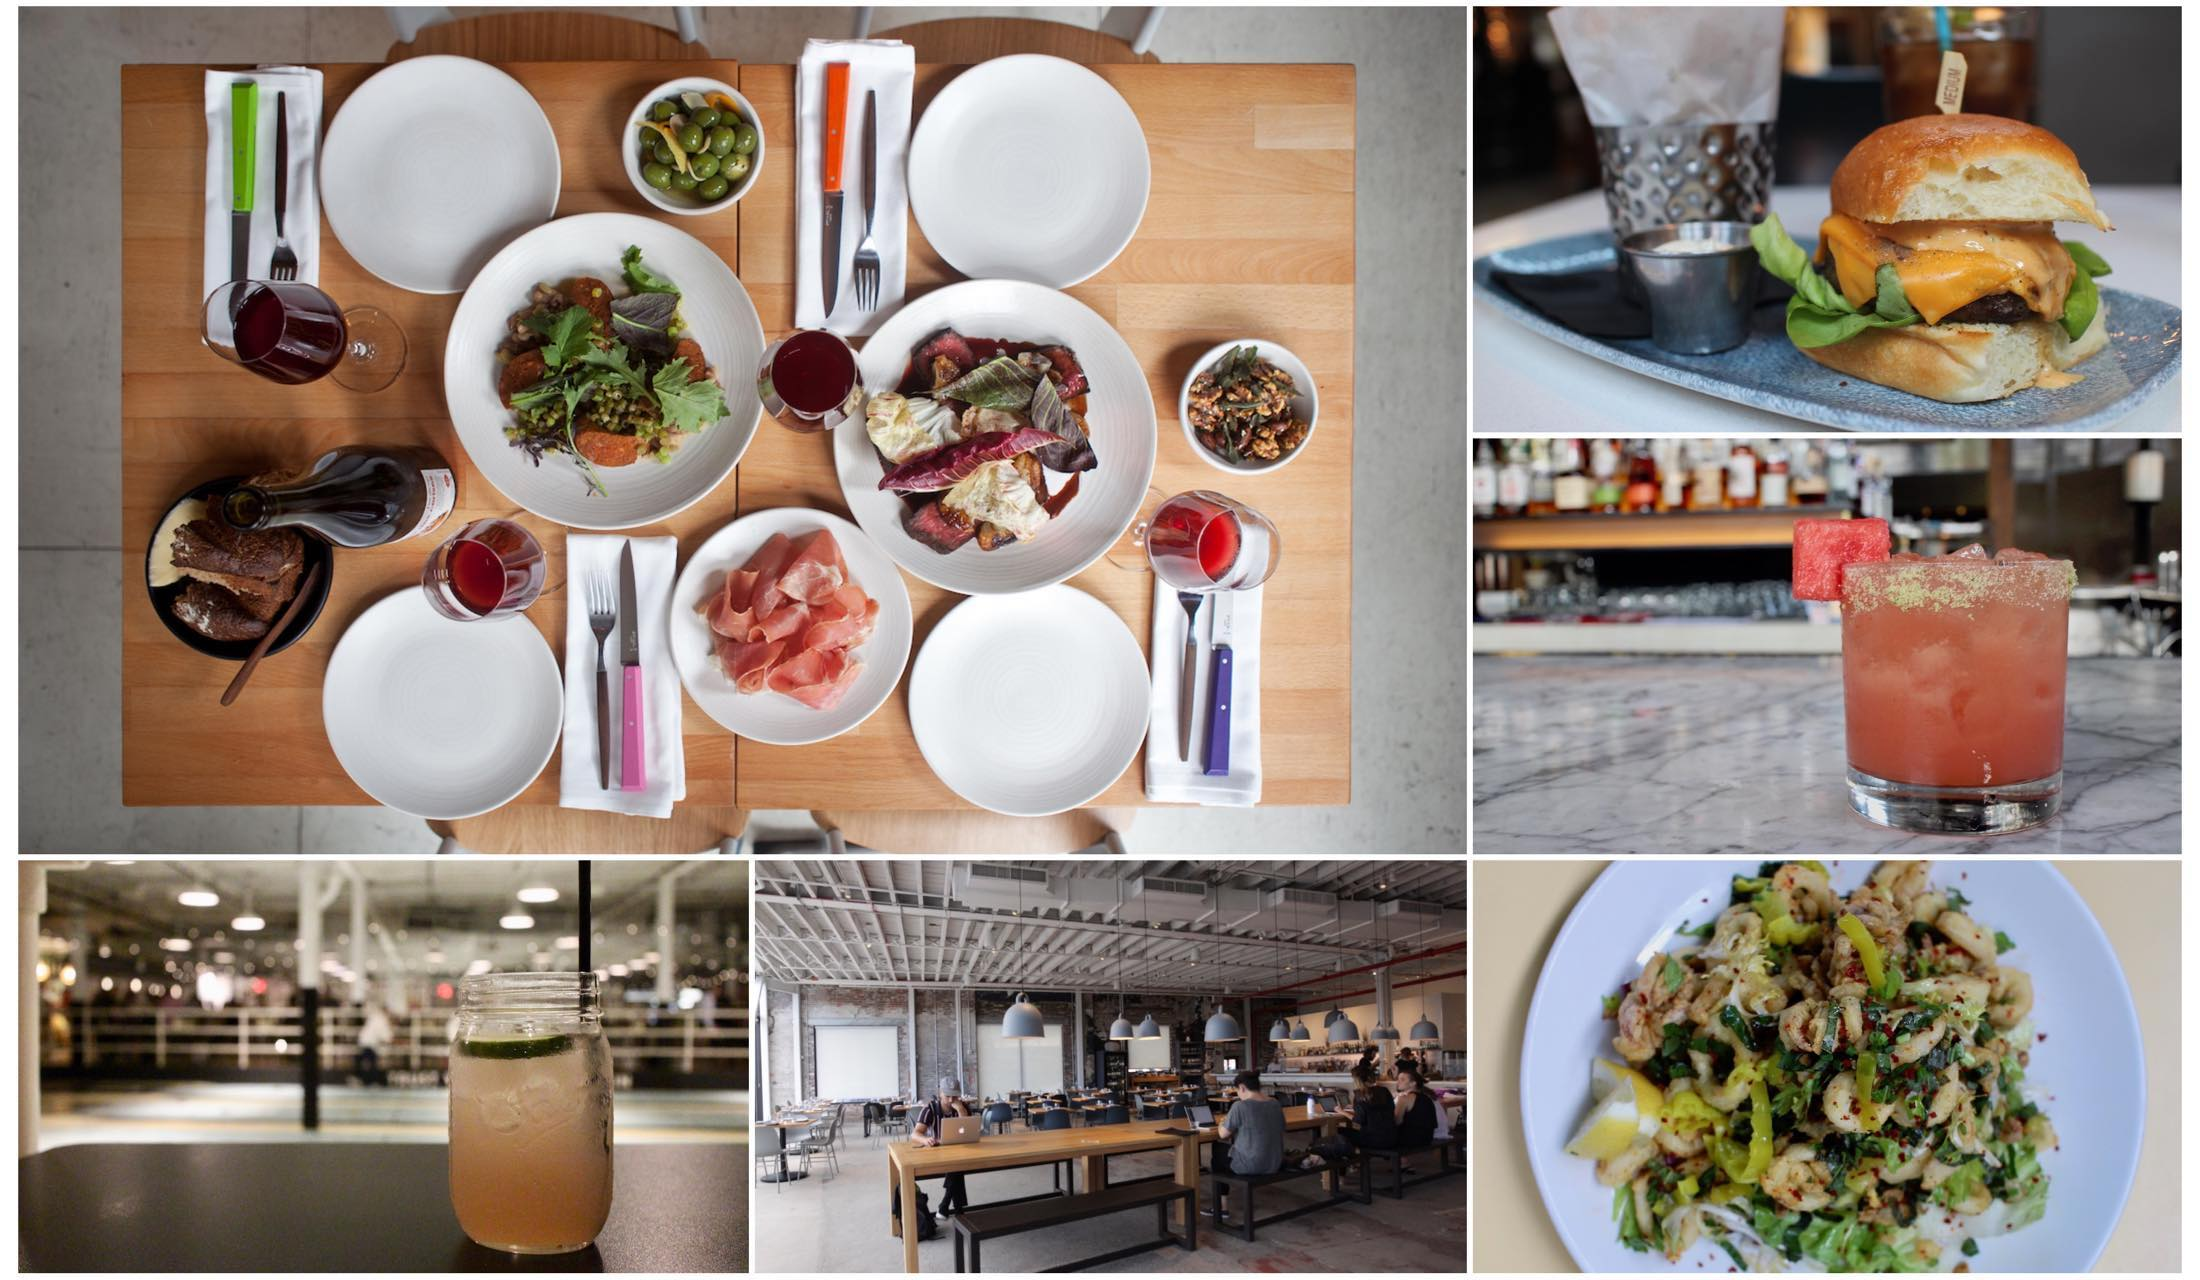 ブルックリンにあるレストランやフードの写真